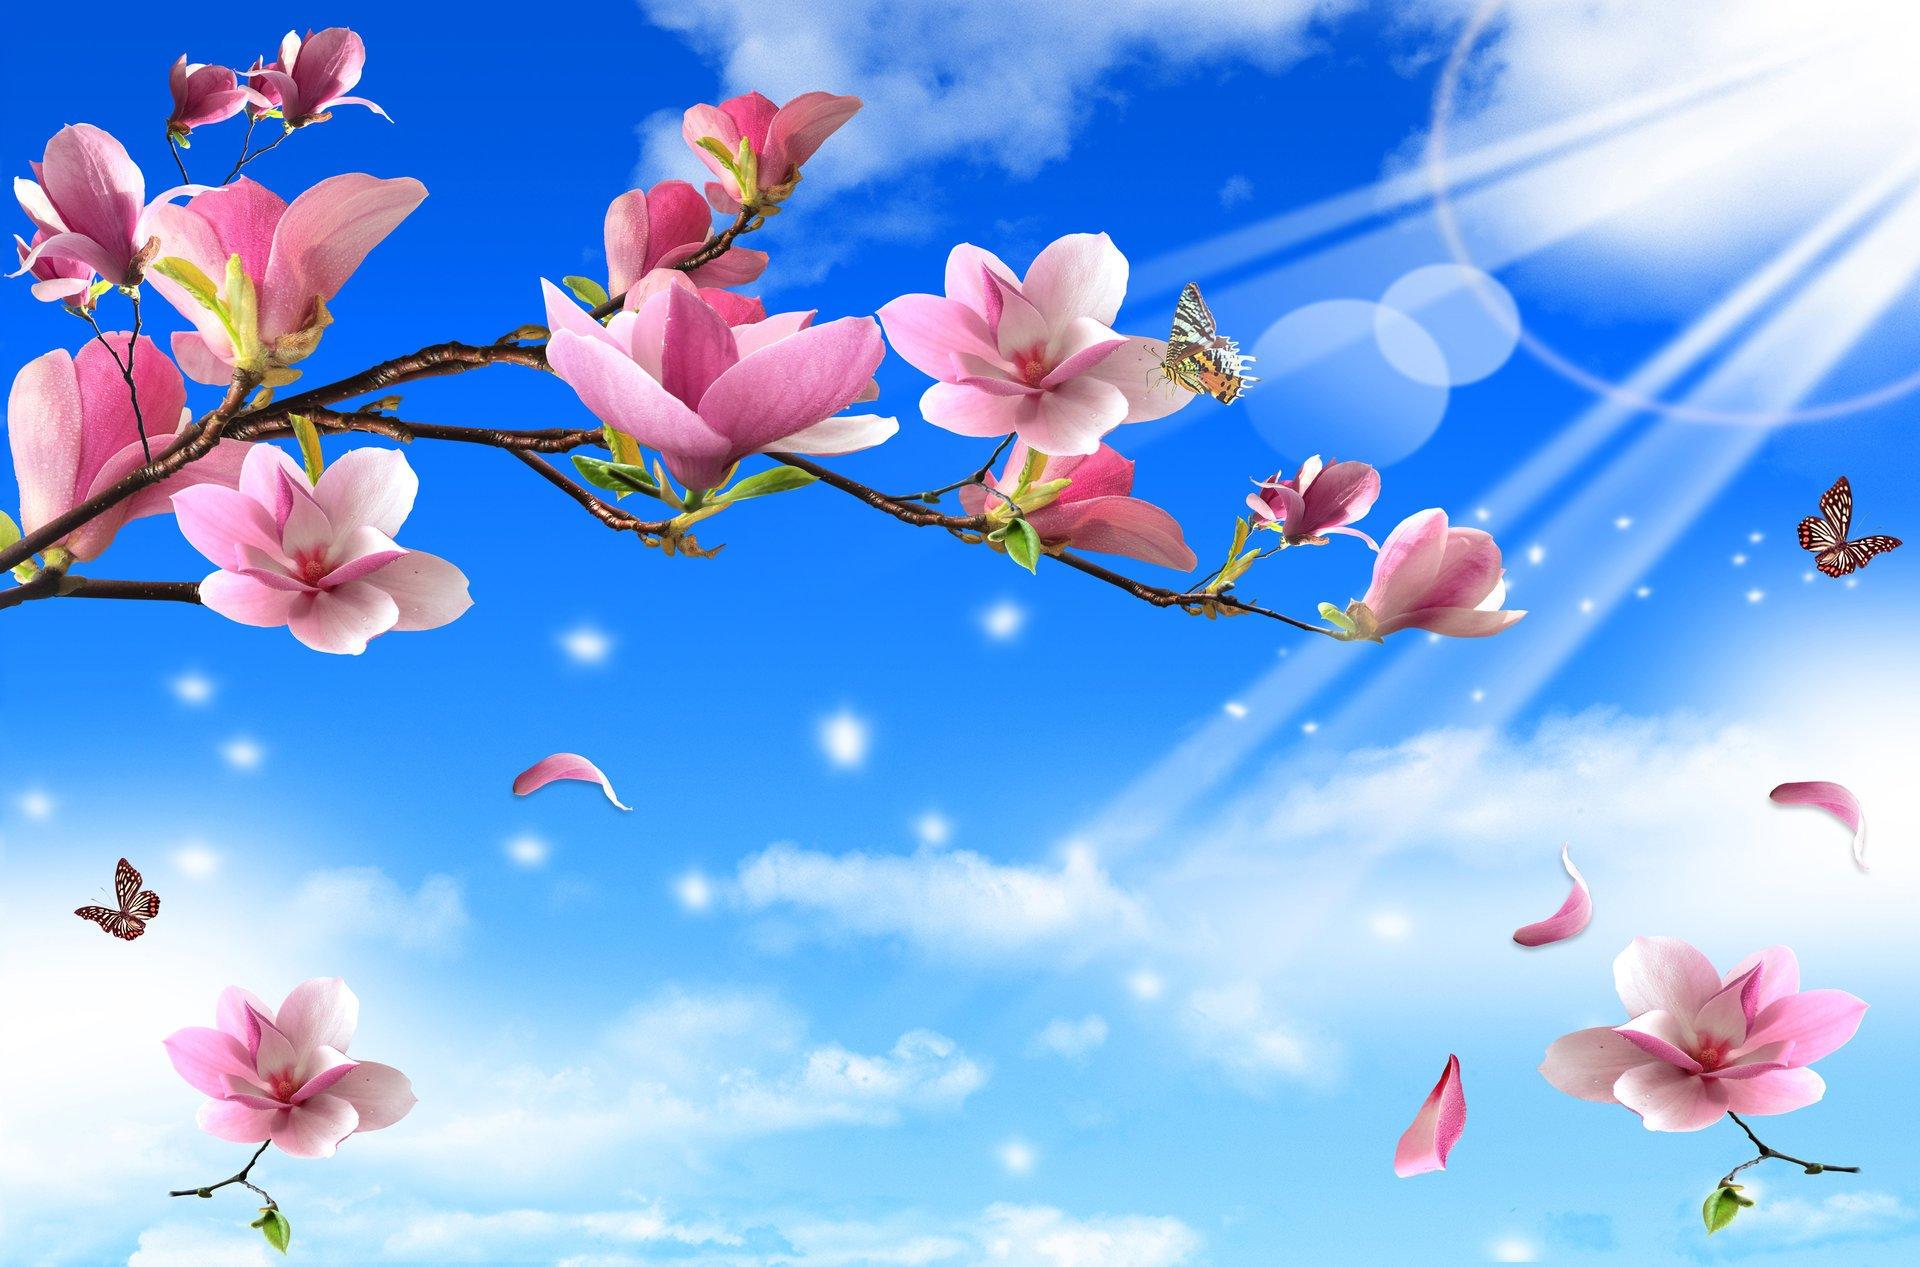 алюкобонд картинки для баннера весны правильной агротехнике возможно